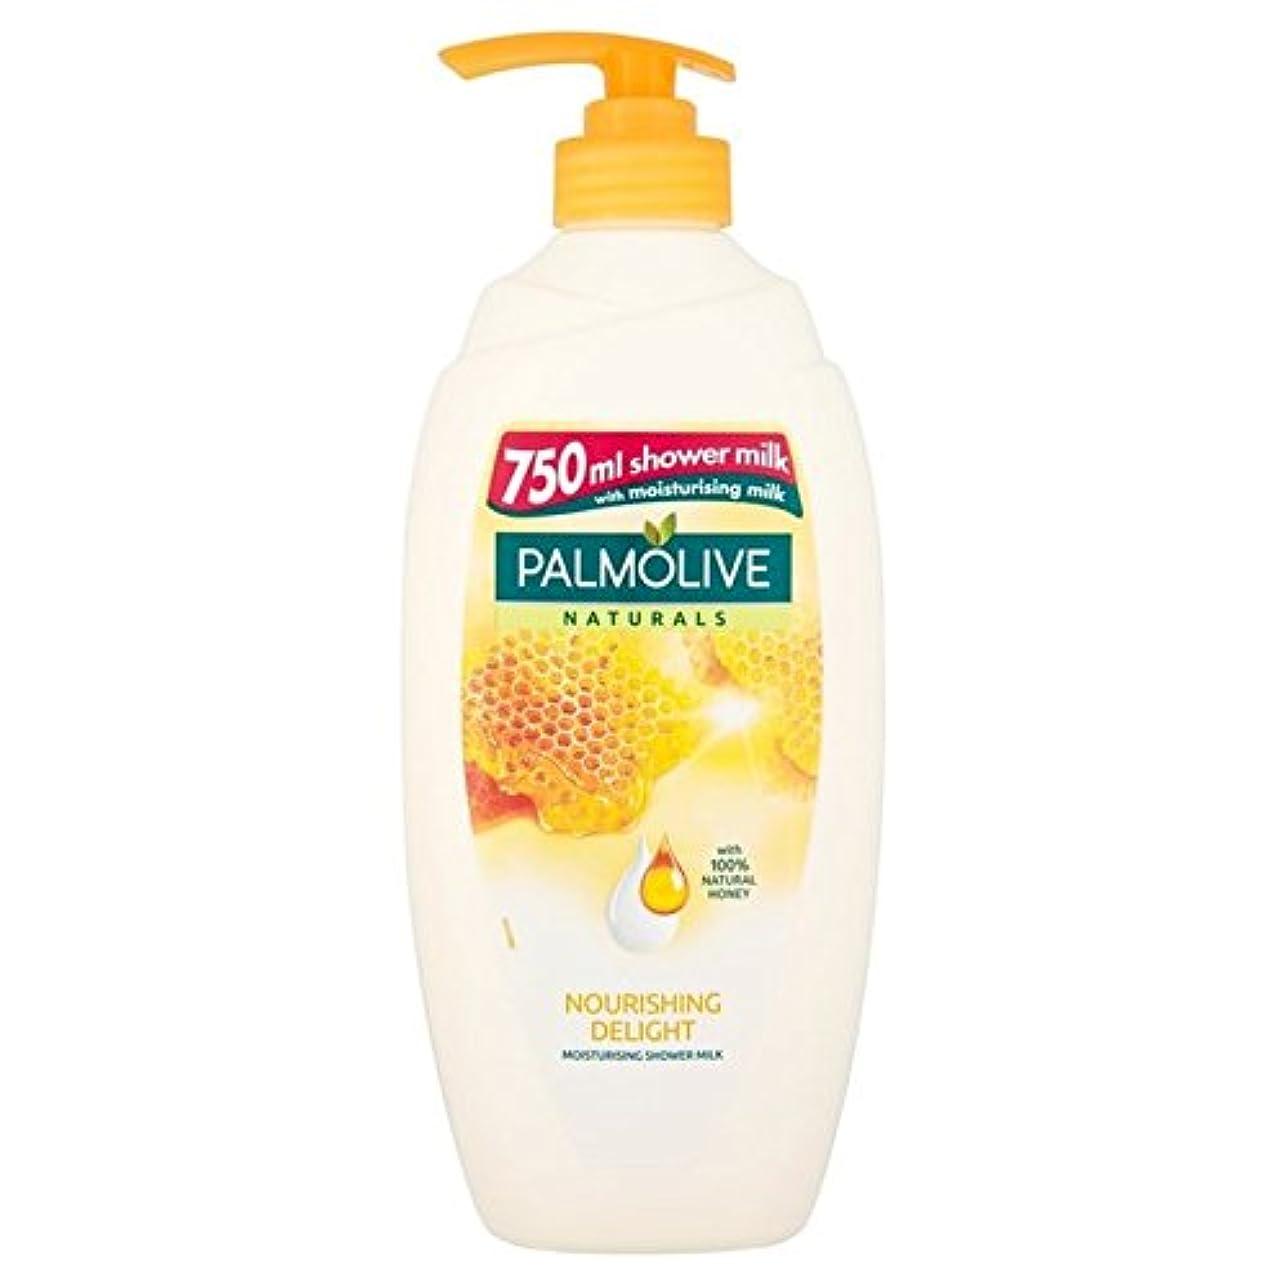 相互百年そしてPalmolive Naturals Nourishing Shower Naturals Milk with Honey 750ml - 蜂蜜の750ミリリットルとシャワーナチュラルミルク栄養パルモライブナチュラル [...